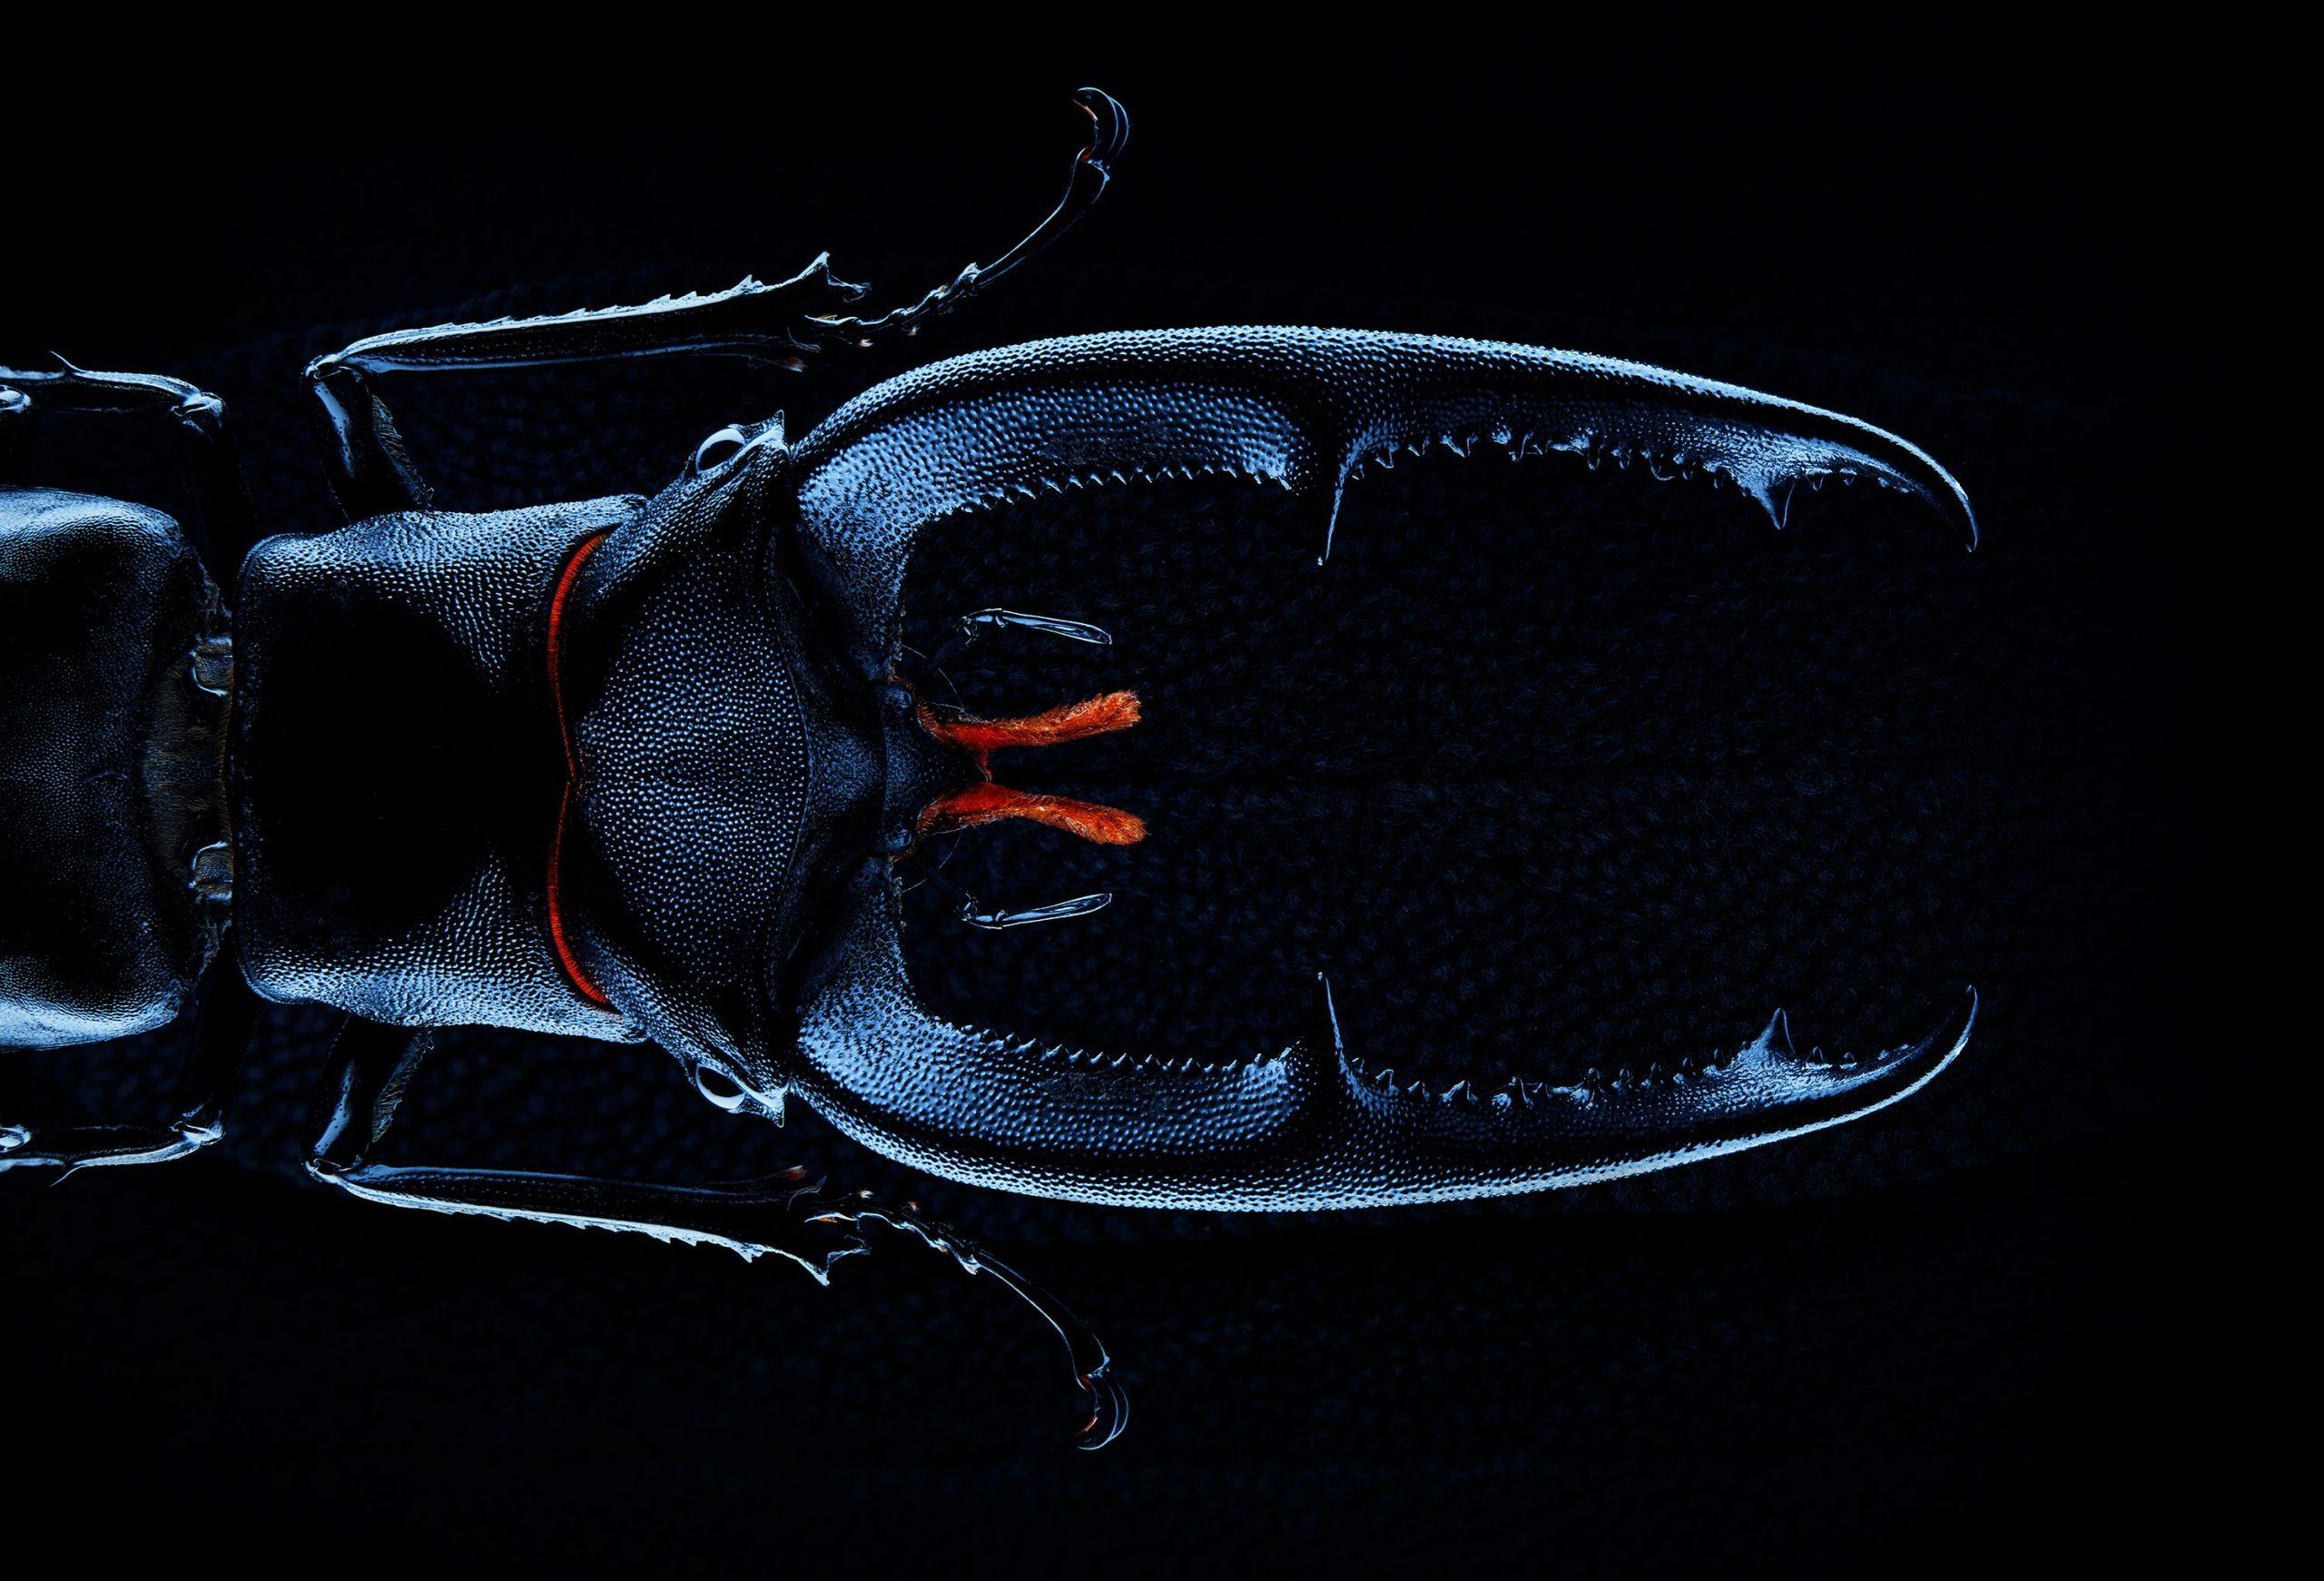 Wren-Agency-Richard-Foster-Beetle 1